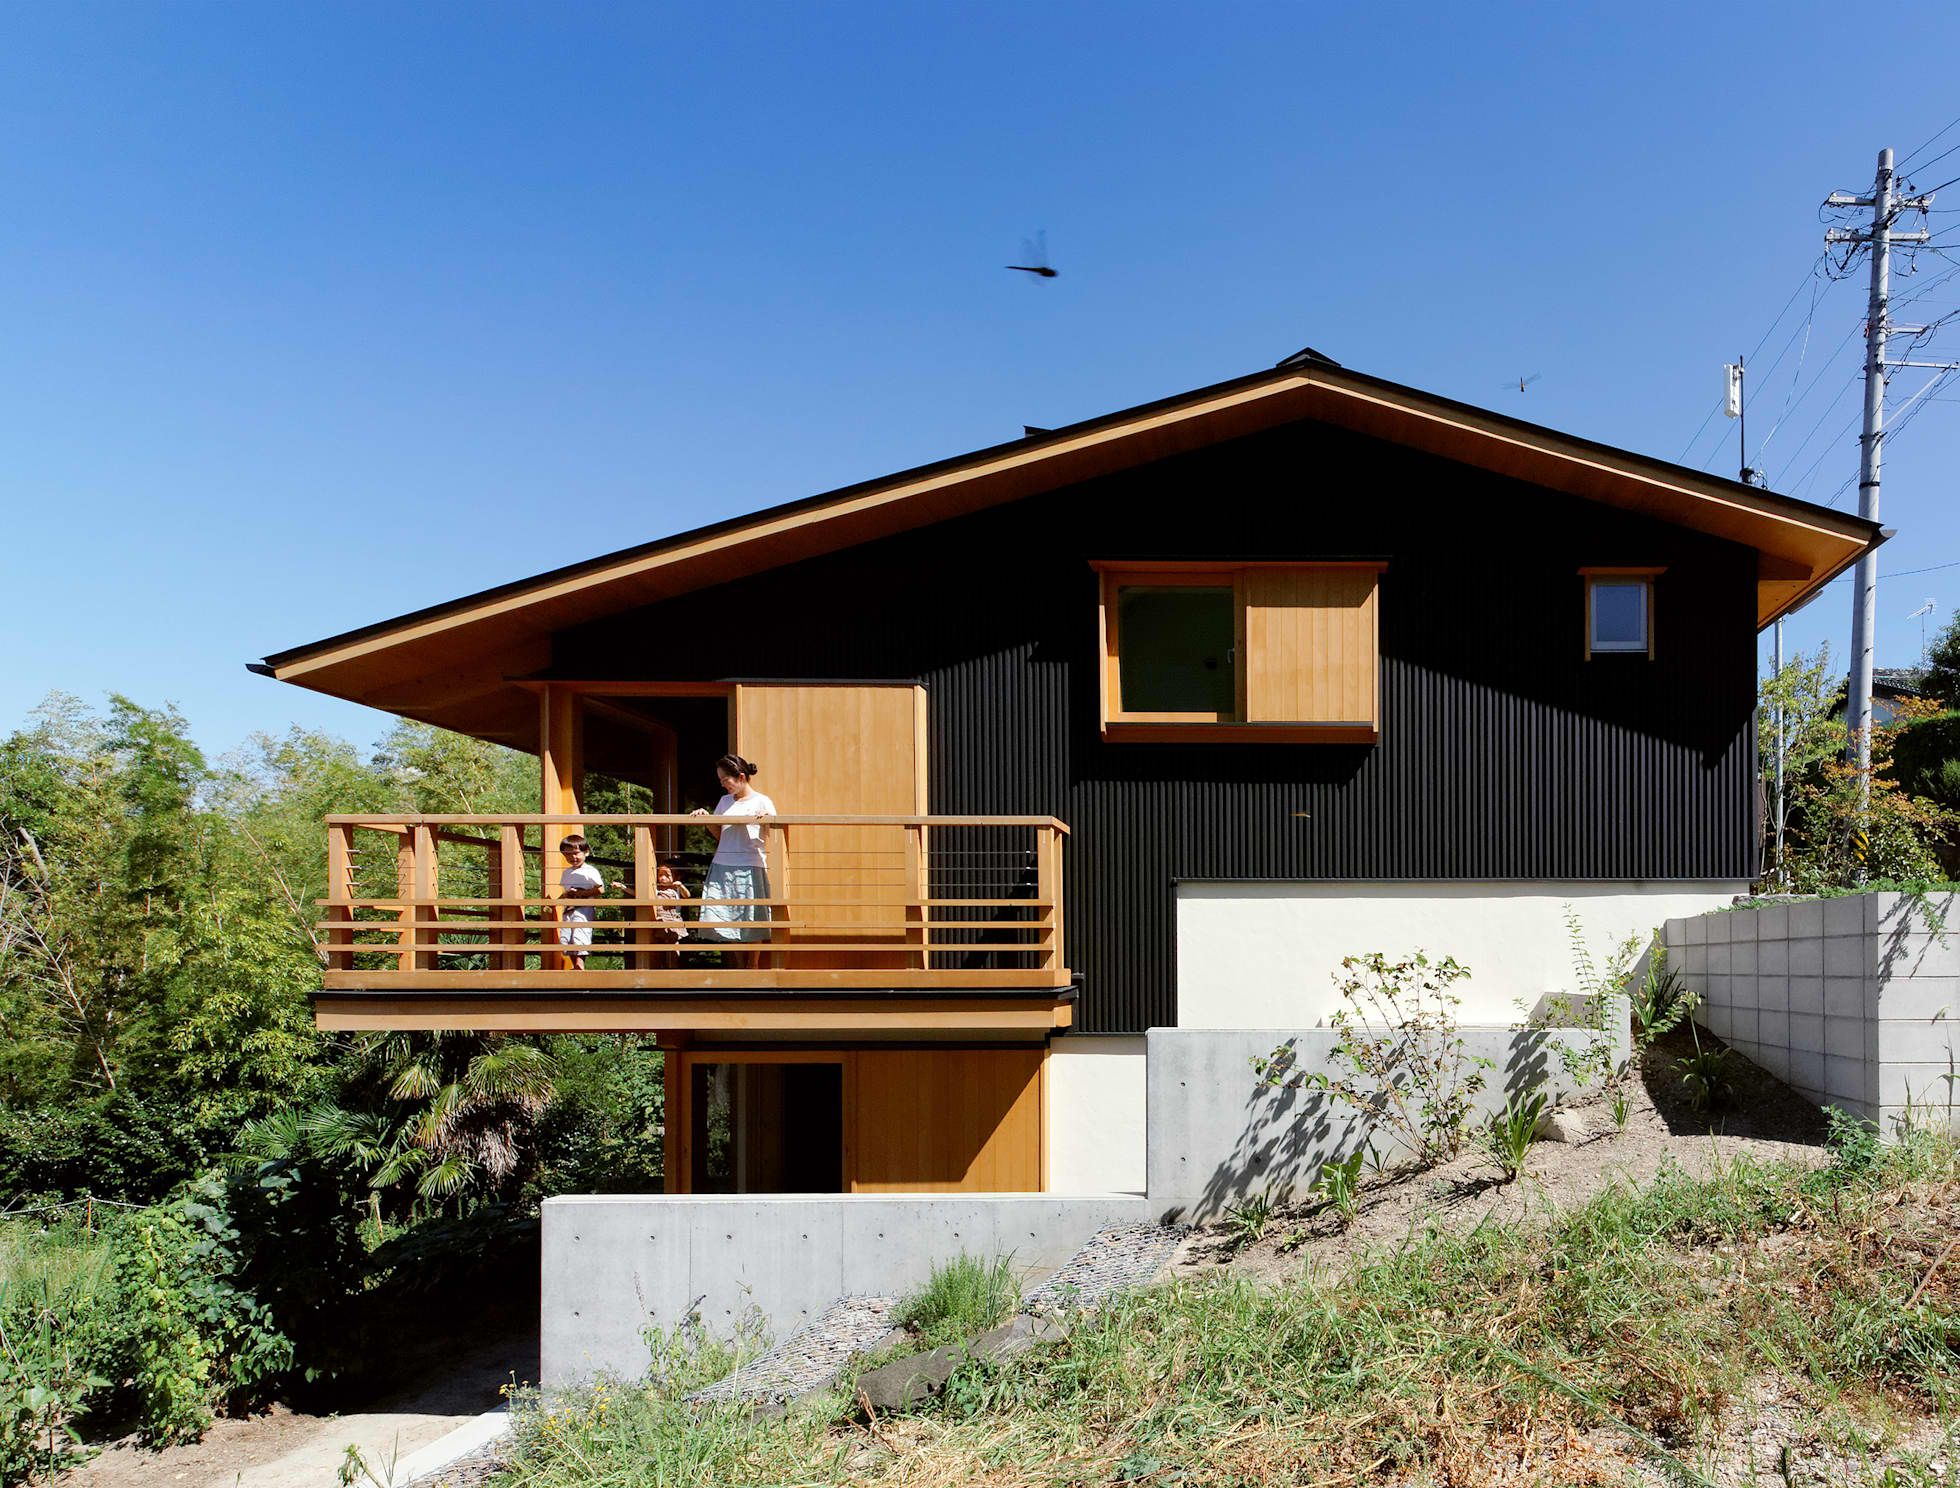 Ir House